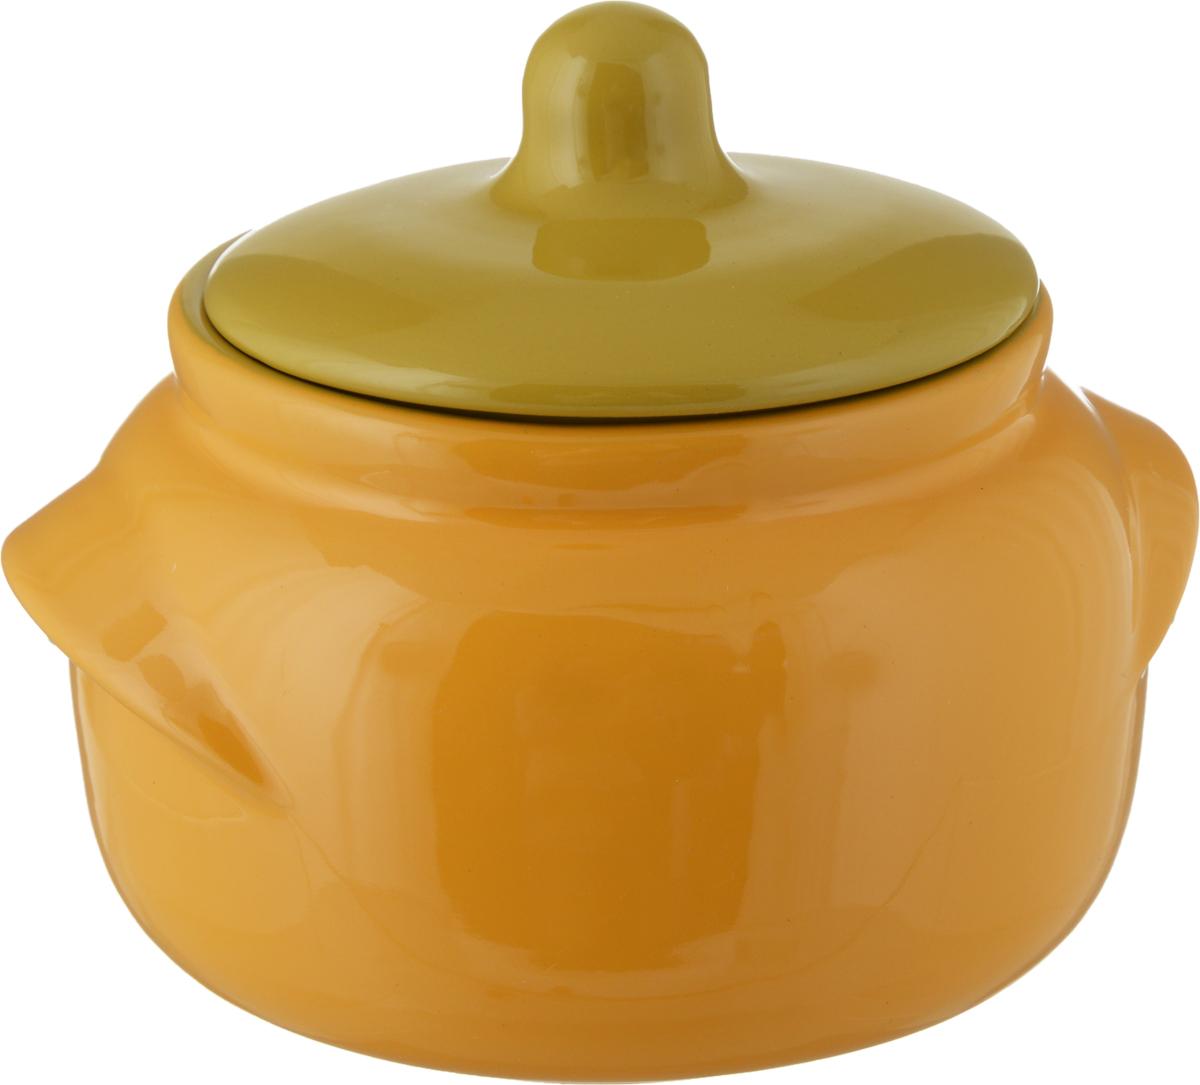 Горшочек для запекания Борисовская керамика Новарусса, цвет: желтый, горчичный, 500 млРАД14457746_желтый, горчичный